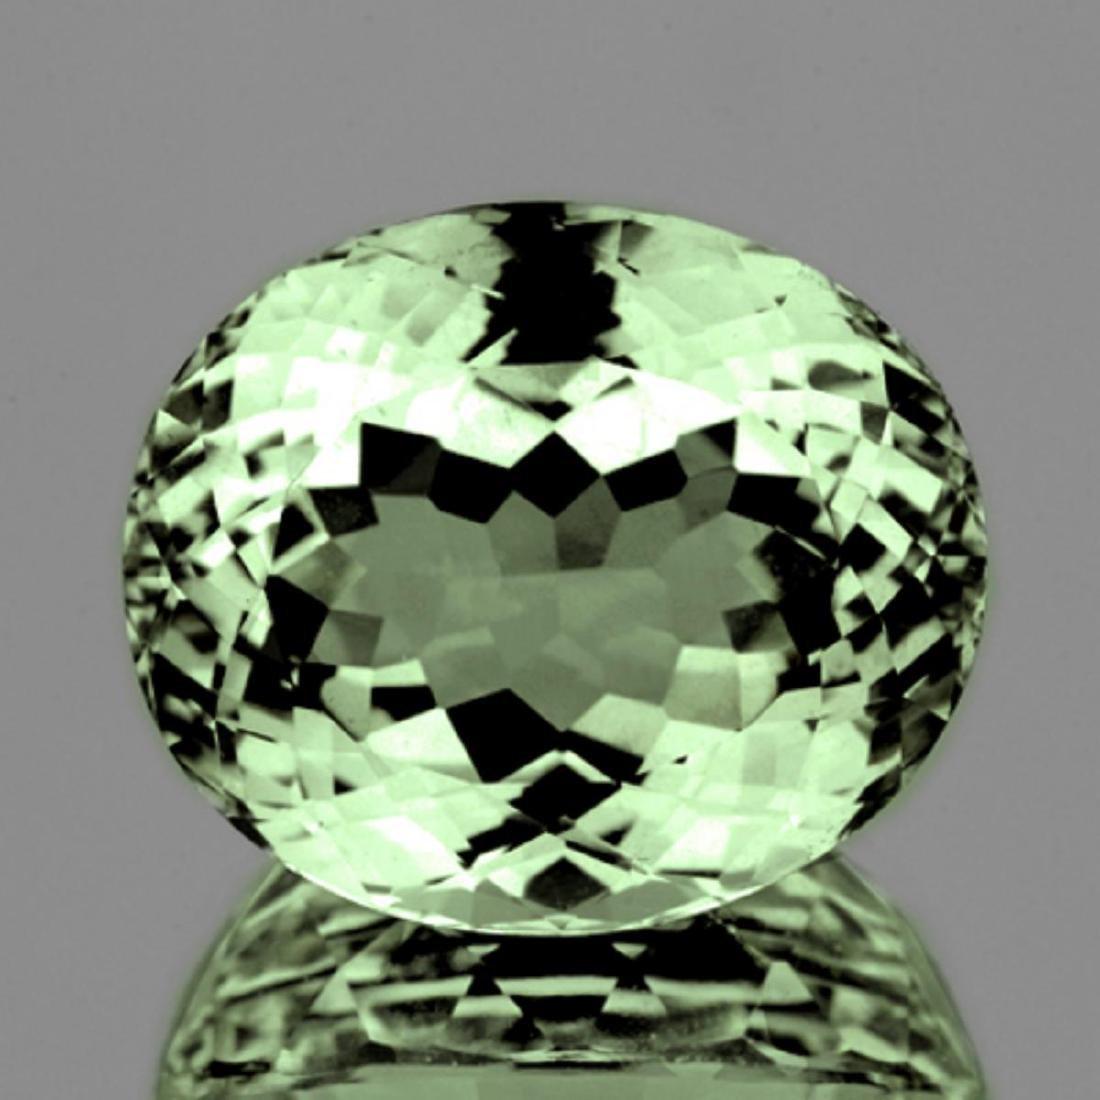 Natural Healing Green Color Amethyst 15.80 Cts - VVS